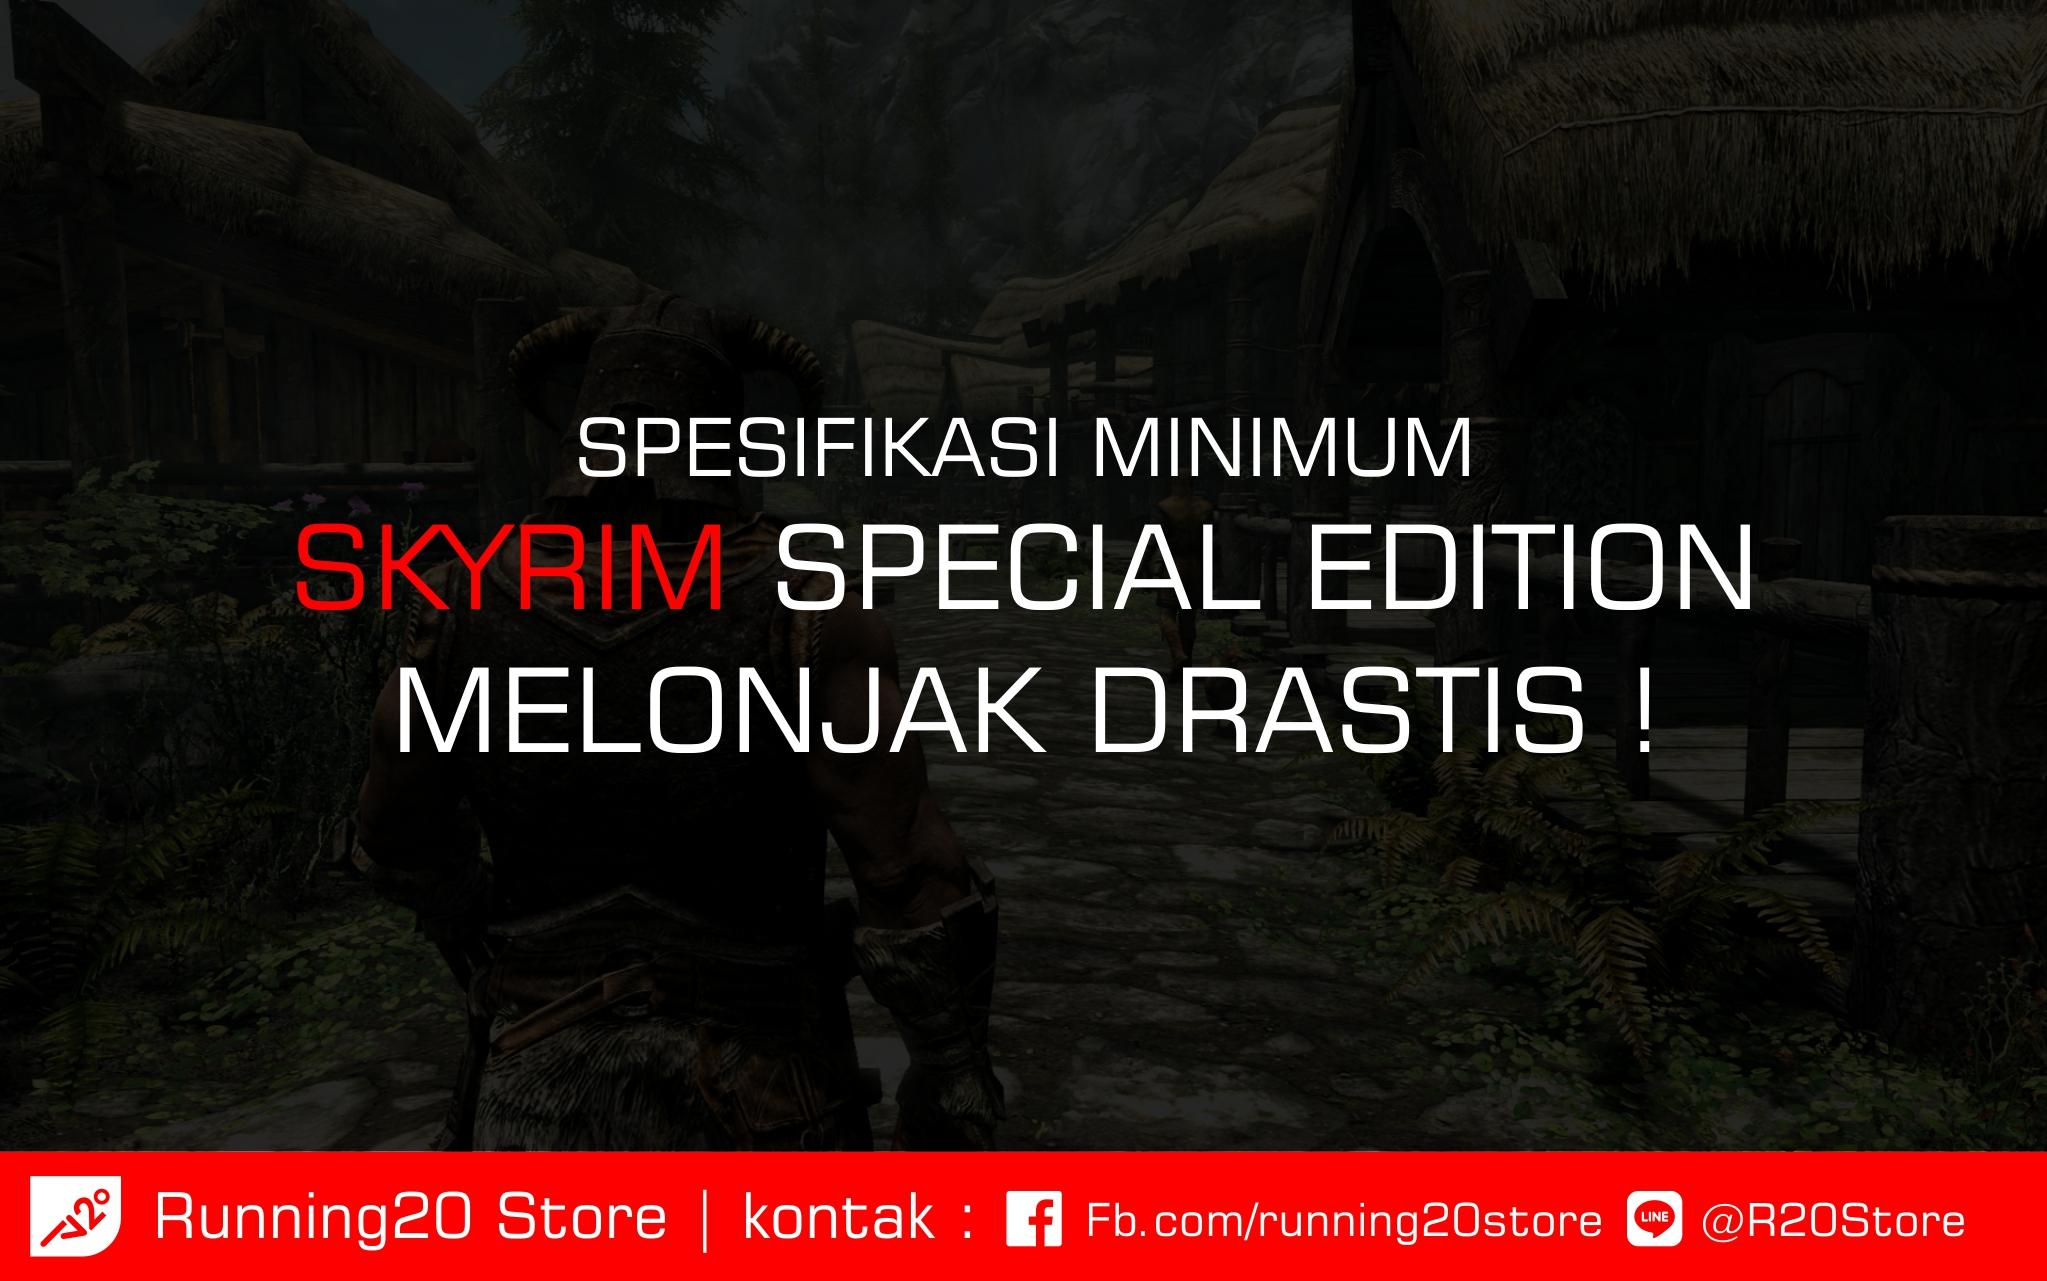 Spesifikasi Minimum Skyrim Special Edition